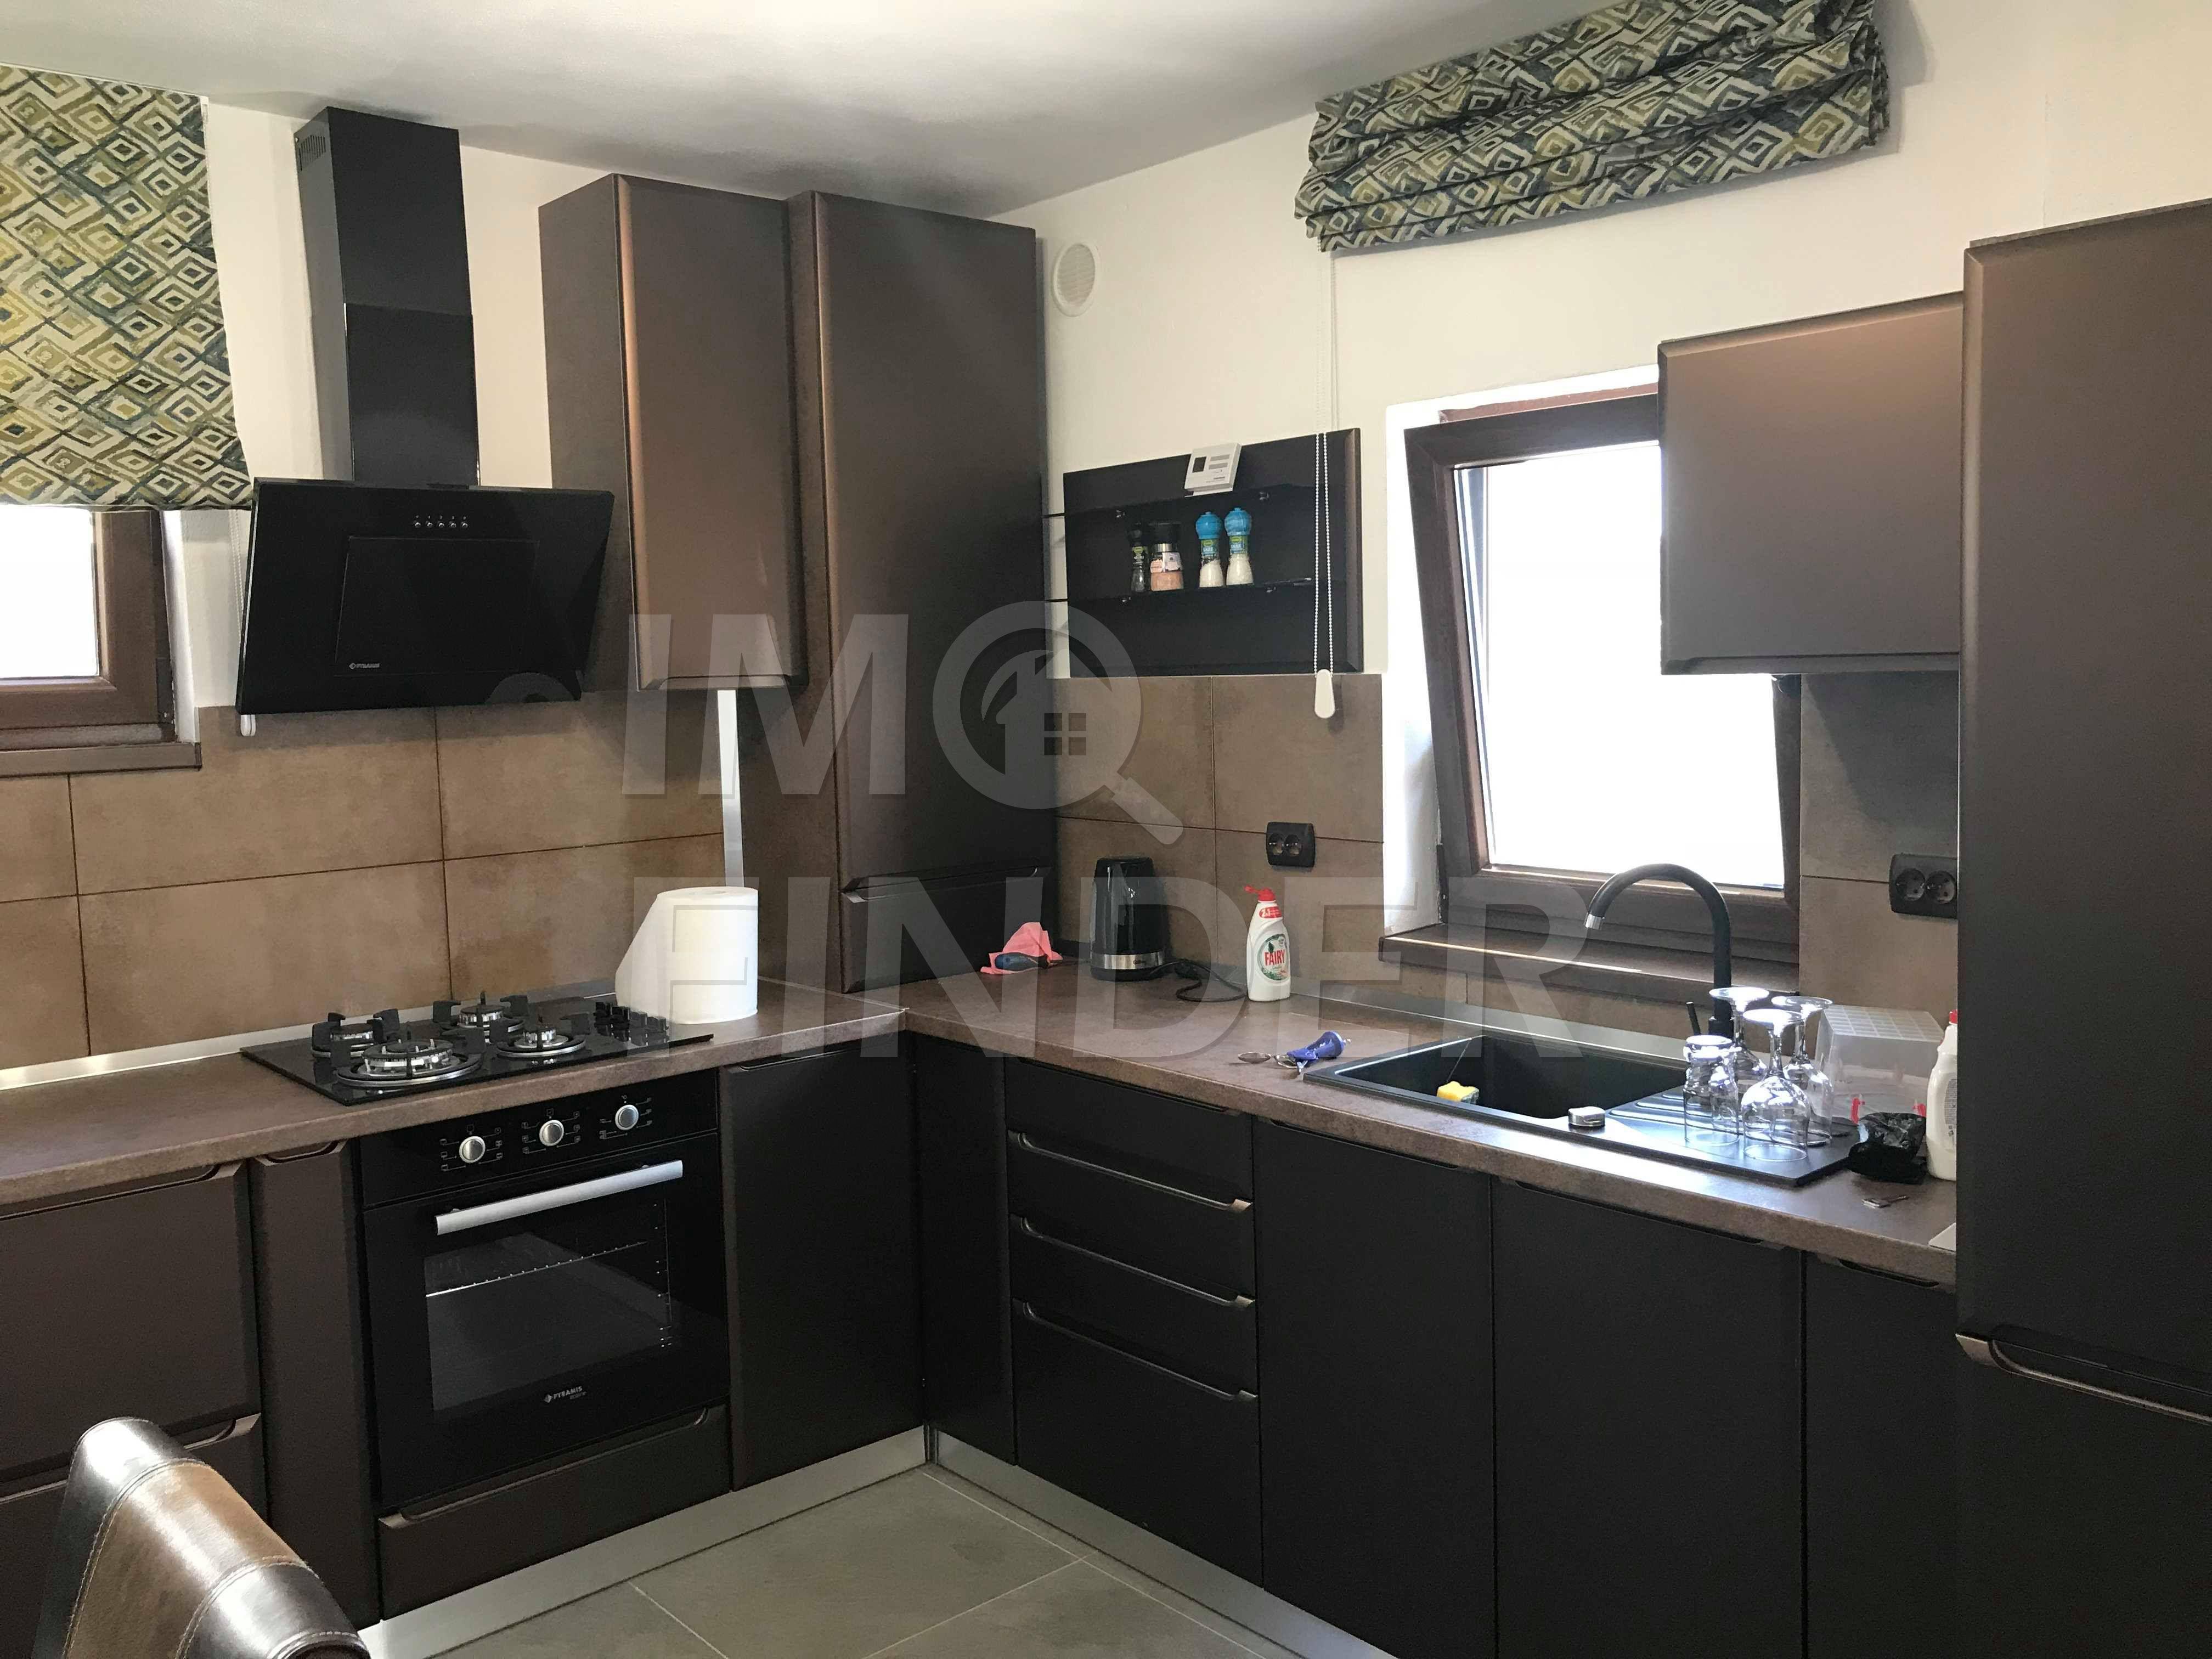 Vanzare apartament 3 camere, predare la cheie, zona Carmen Silva